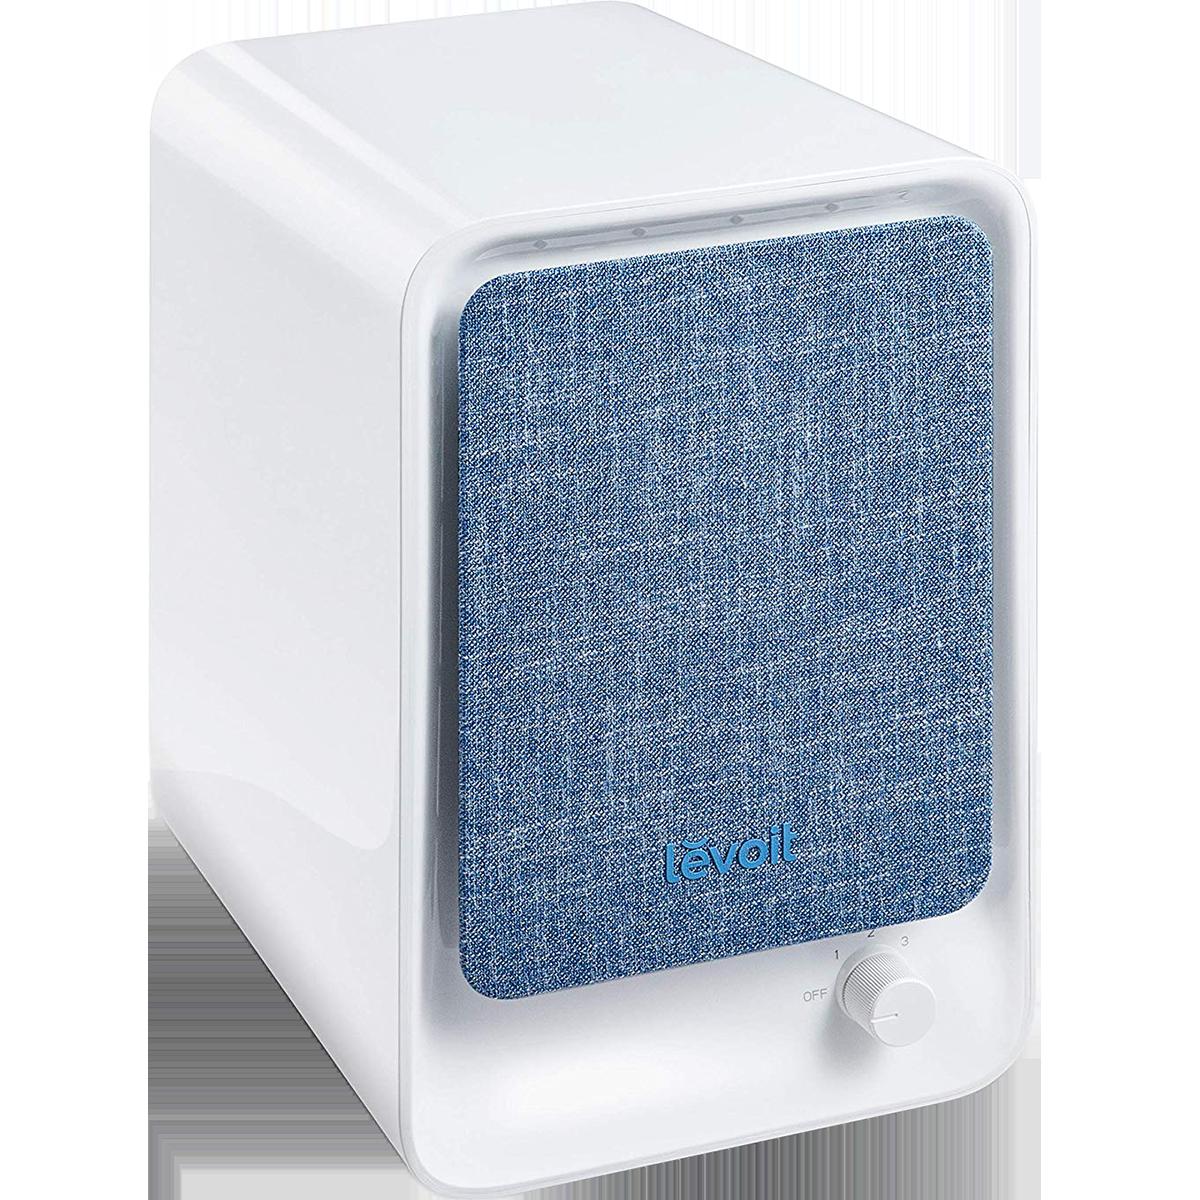 Cheap Levoit Lv H126 Personal Air Purifier Airpurifiers Air Purifiers Hepa Air Purifier Personal Air Purifier Air Purifier